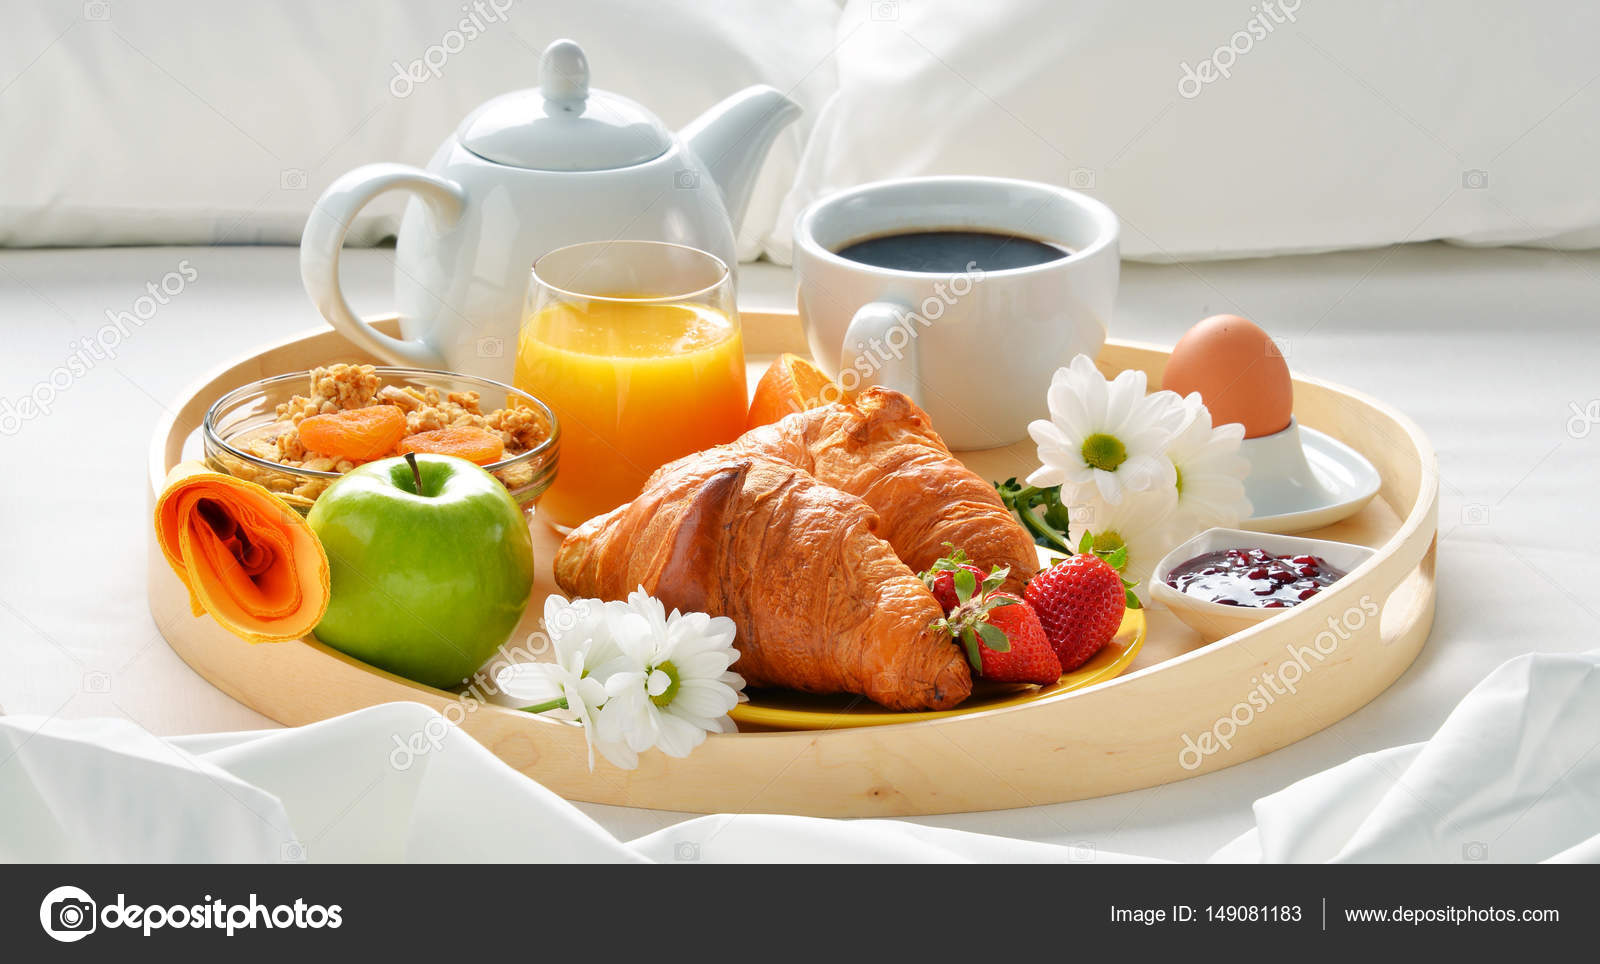 Vassoio della colazione a letto nella camera d 39 albergo - Colazione a letto immagini ...